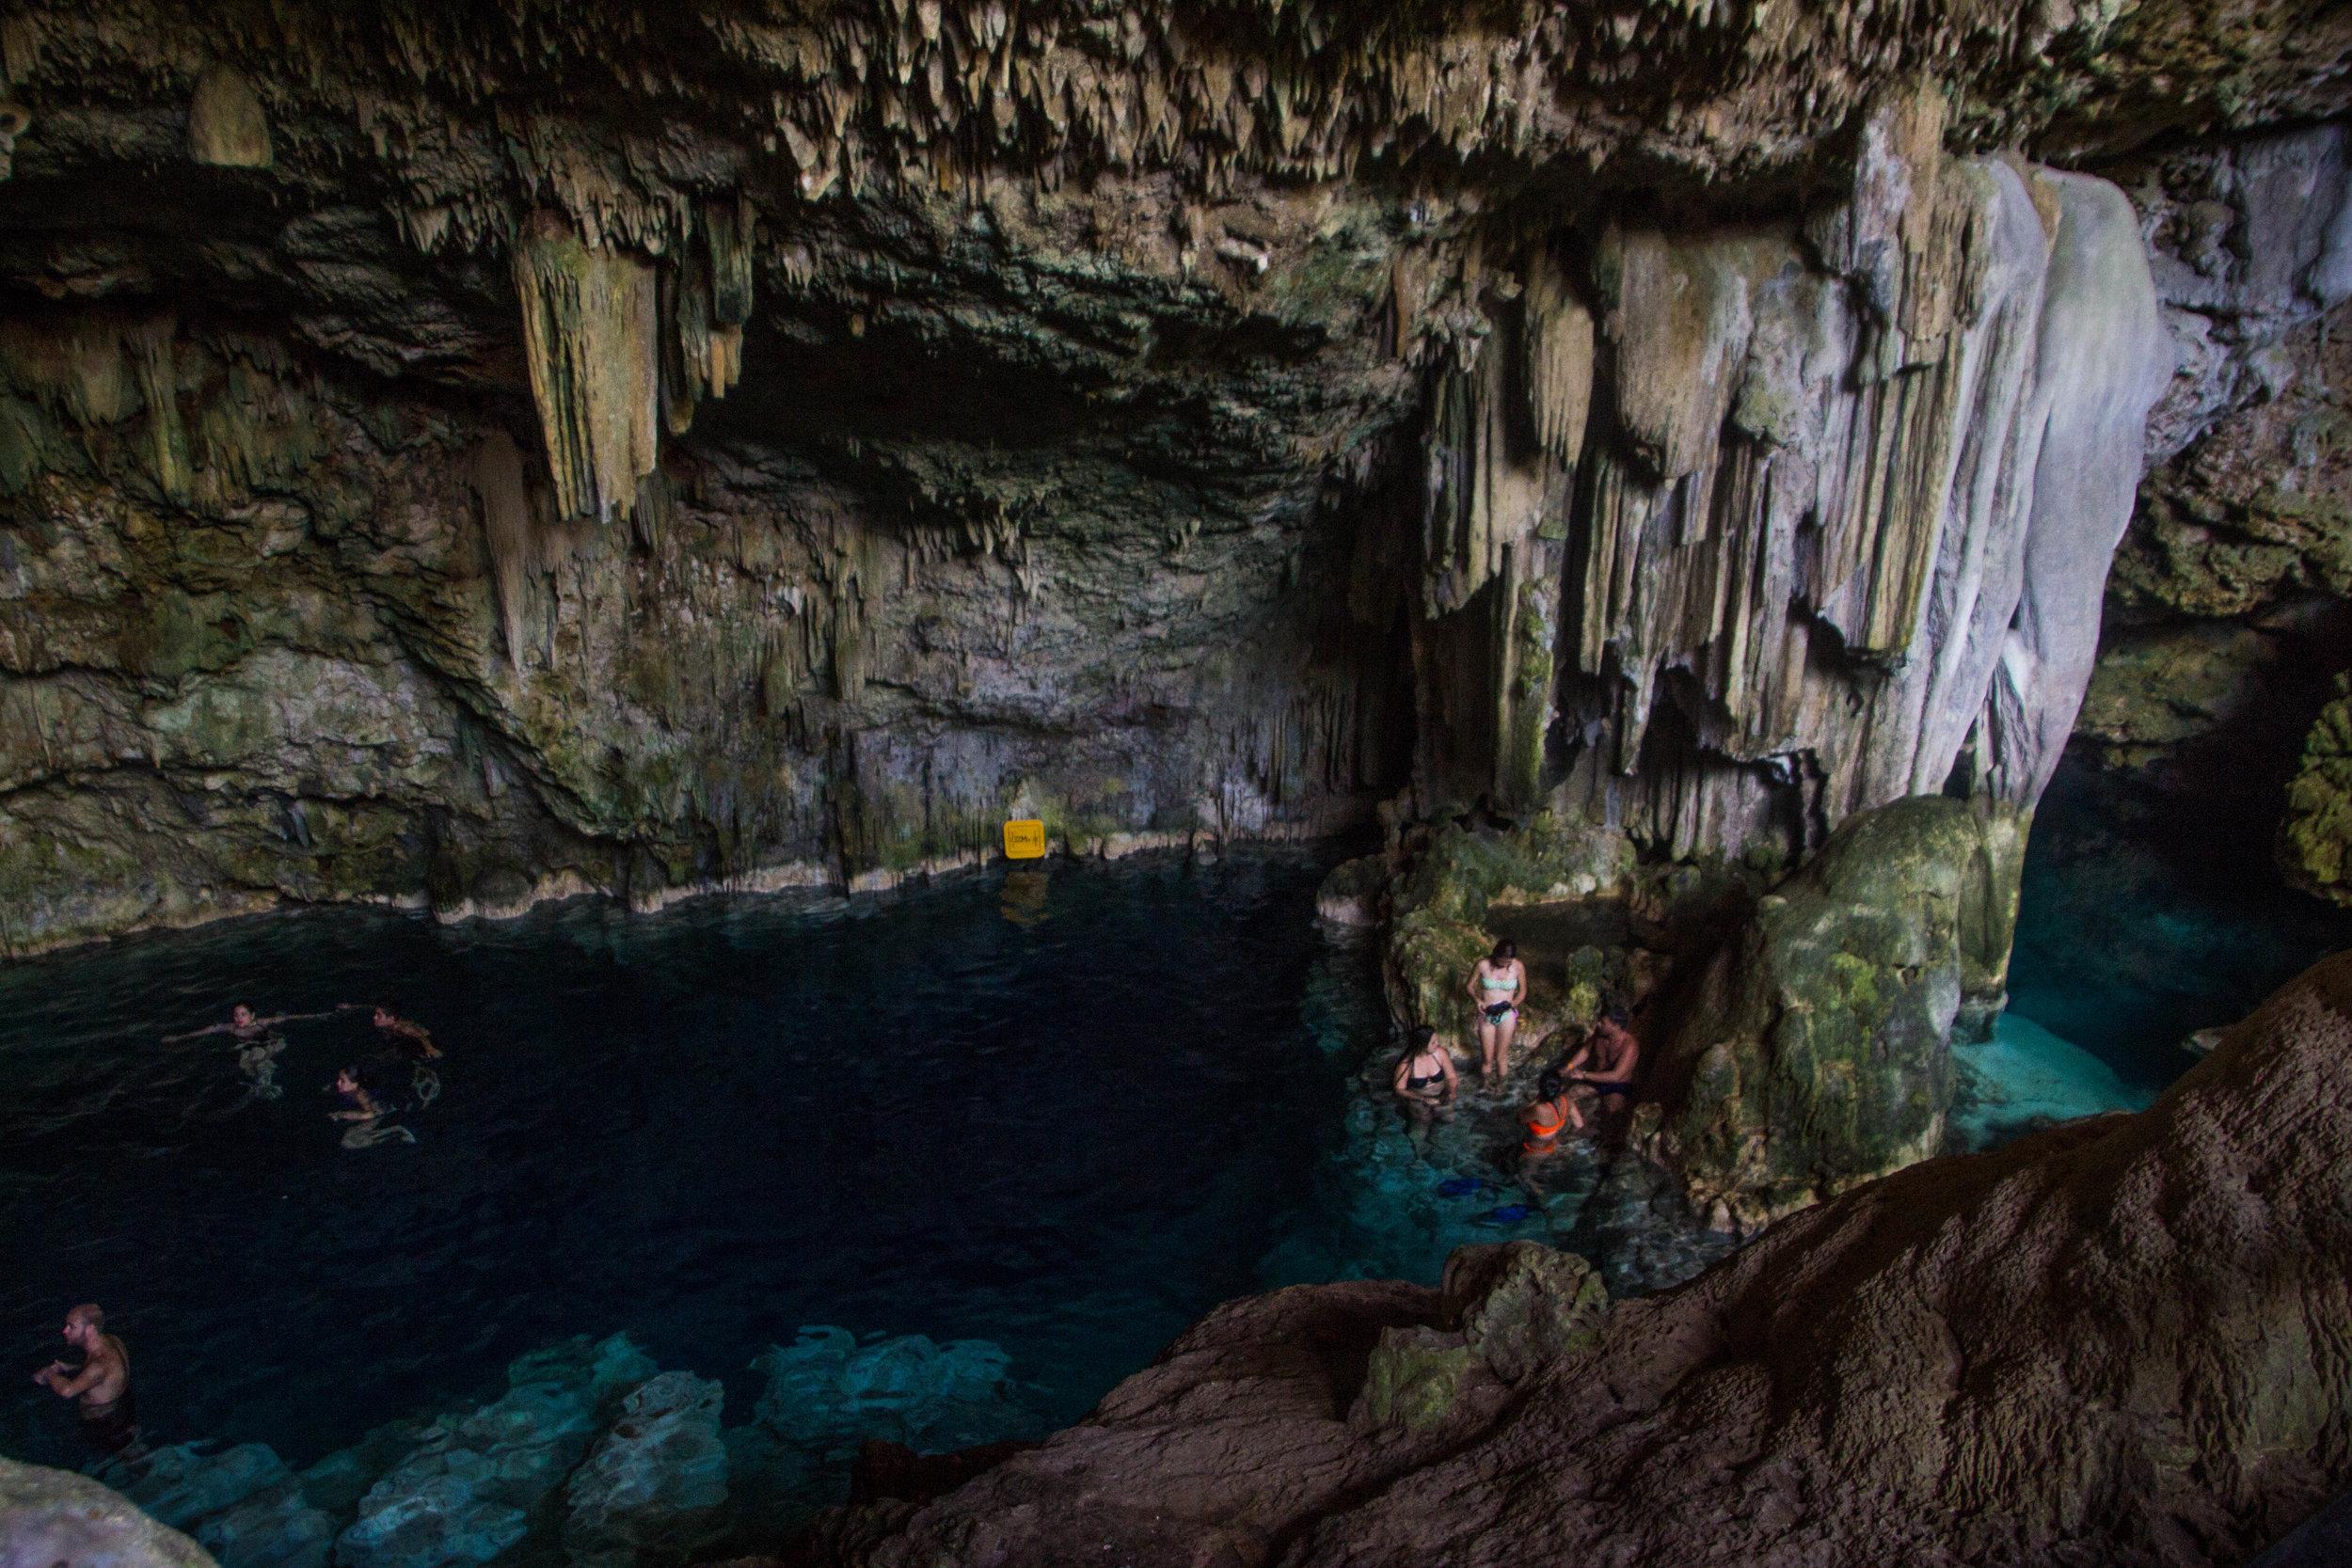 cueva saturna cuba-1-2.jpg